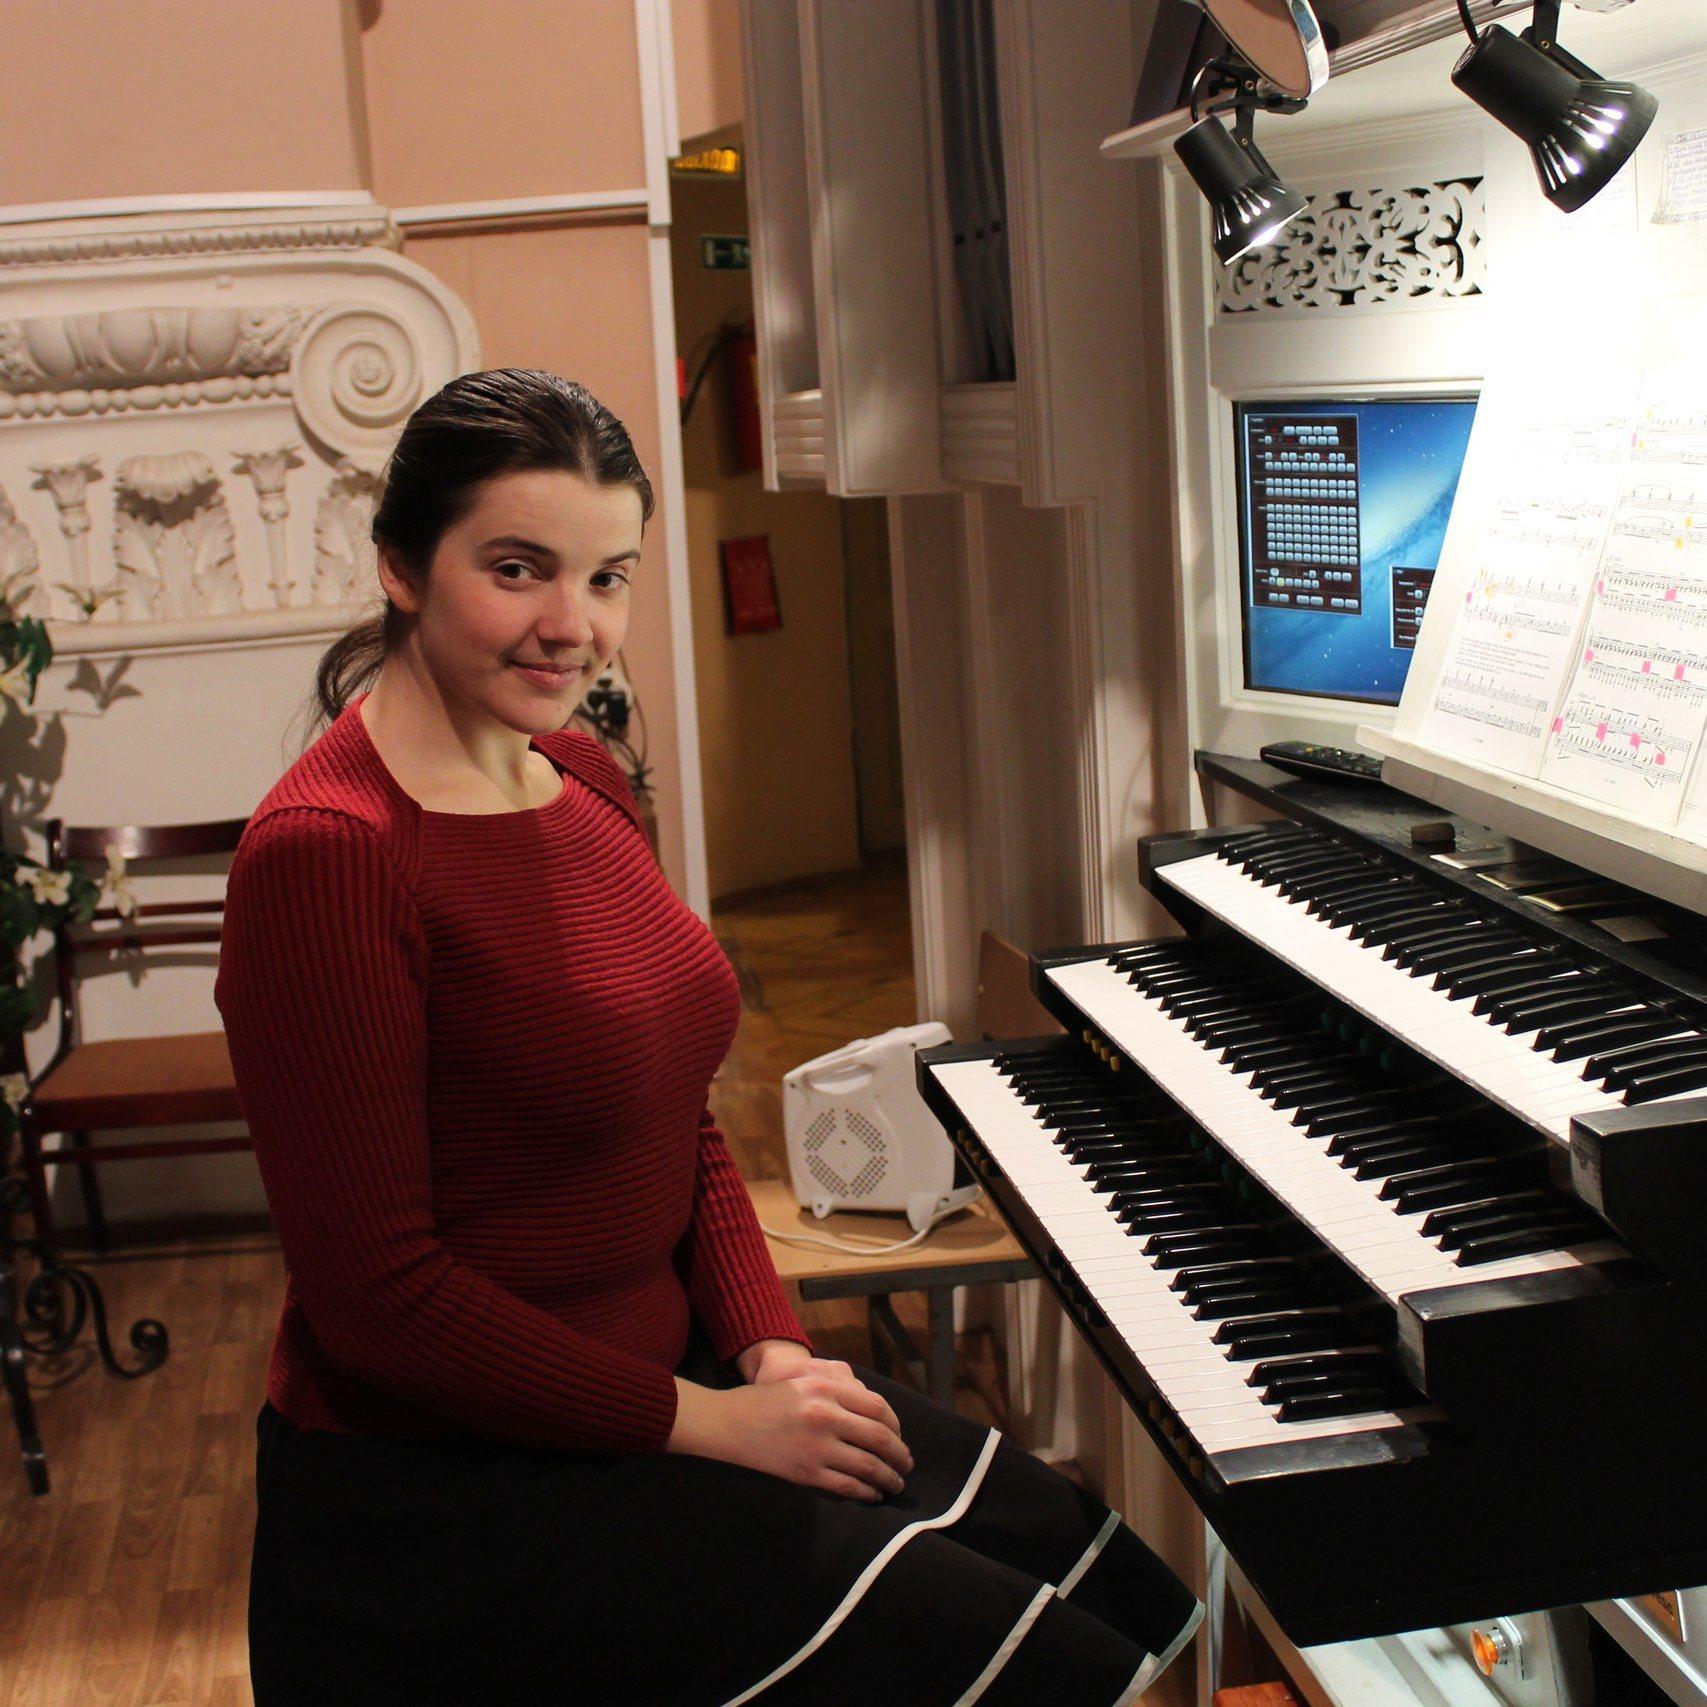 Органный концерт «Гармонии мира: Бах, Мендельсон, Хиндемит» со скидкой 50%